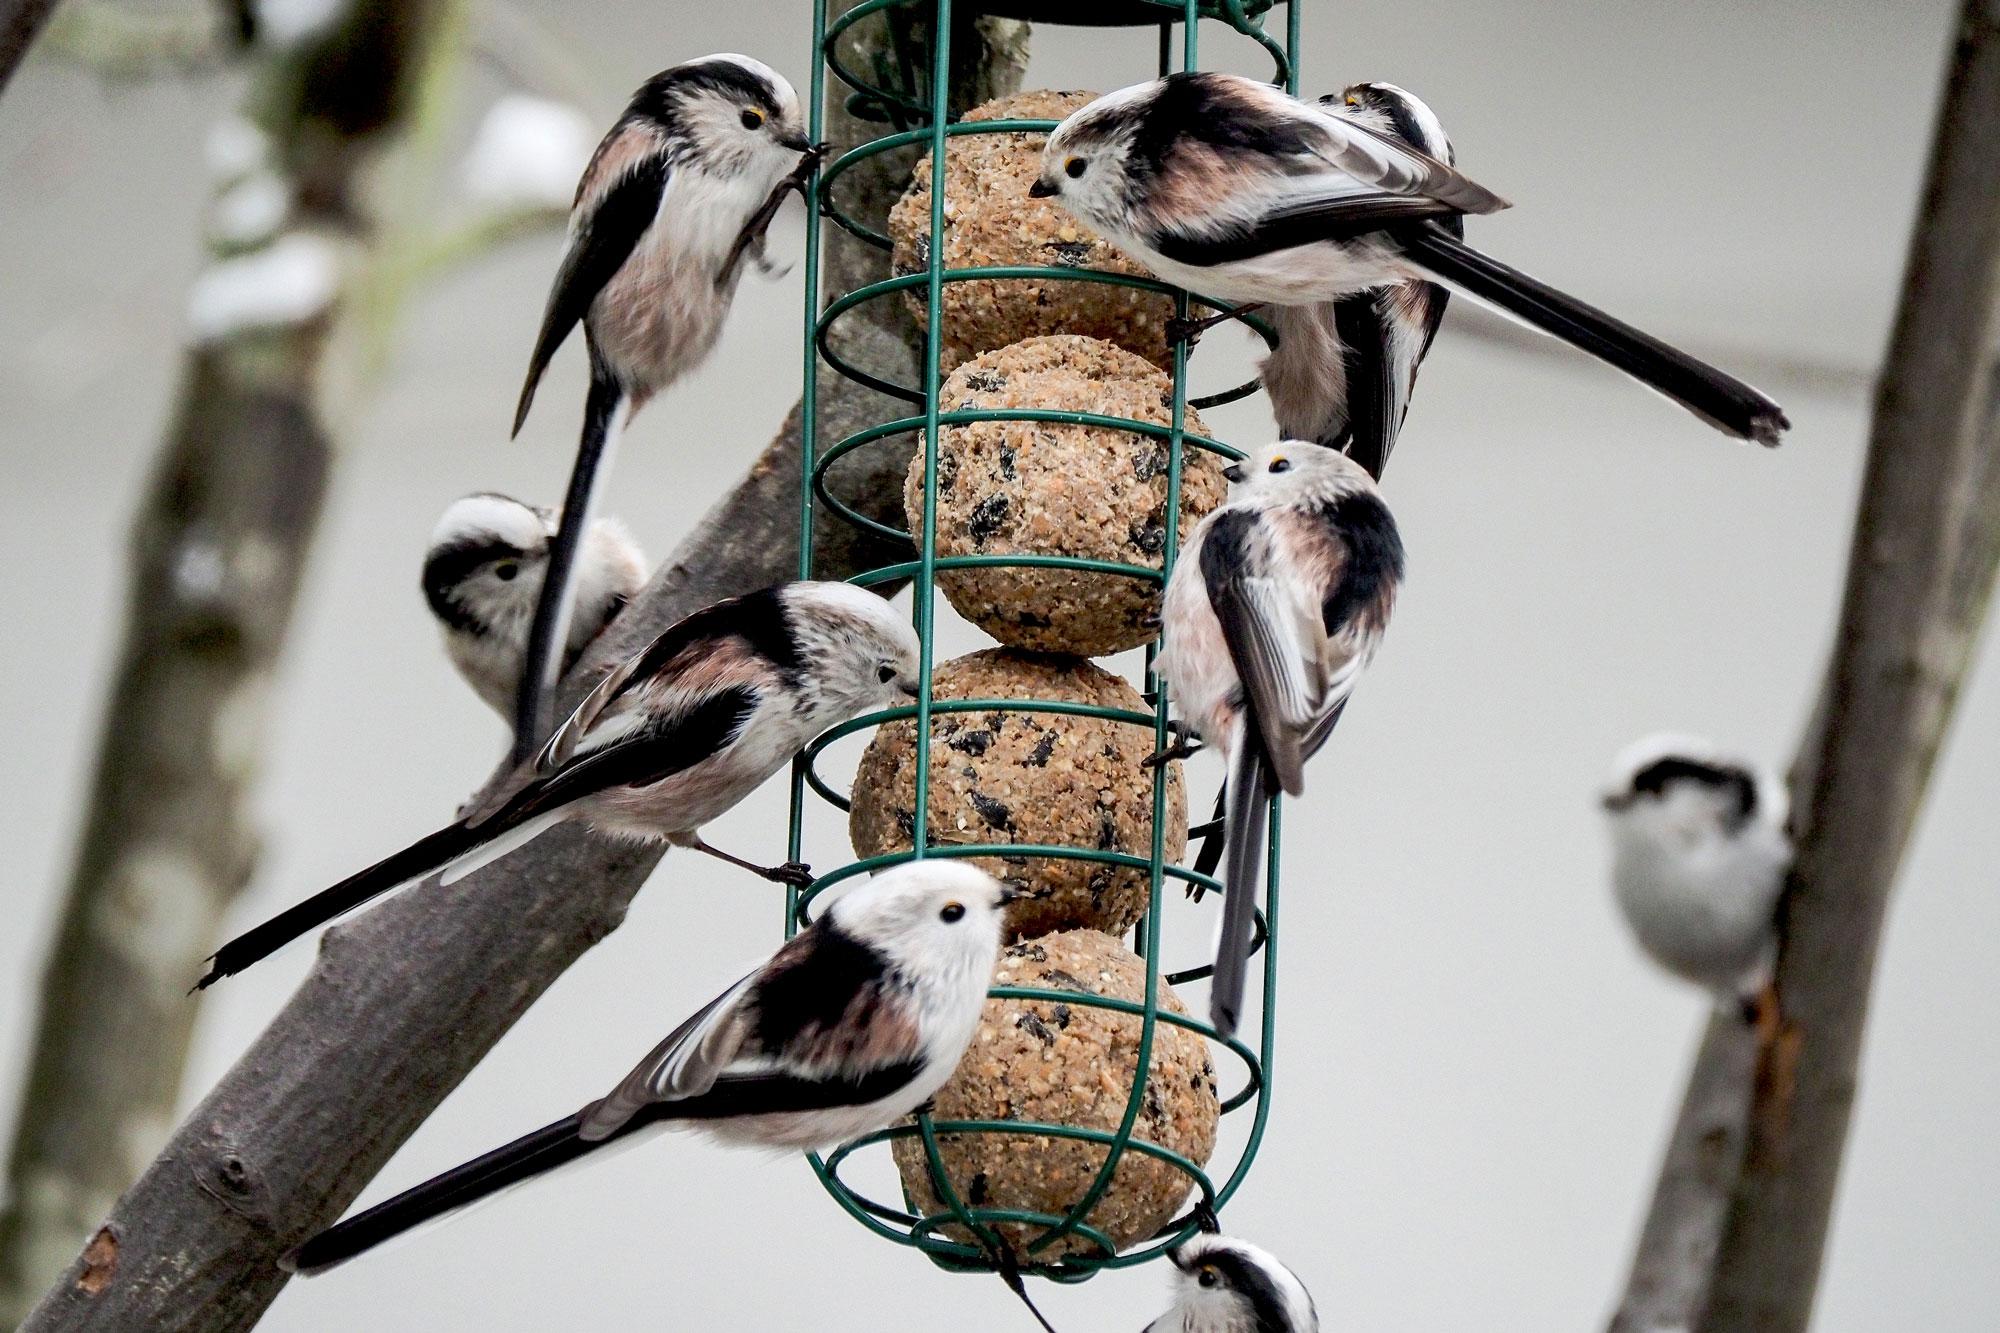 Die Haufigsten Fragen Antworten Rund Um Vogel Futtern Lbv Gemeinsam Bayerns Natur Schutzen